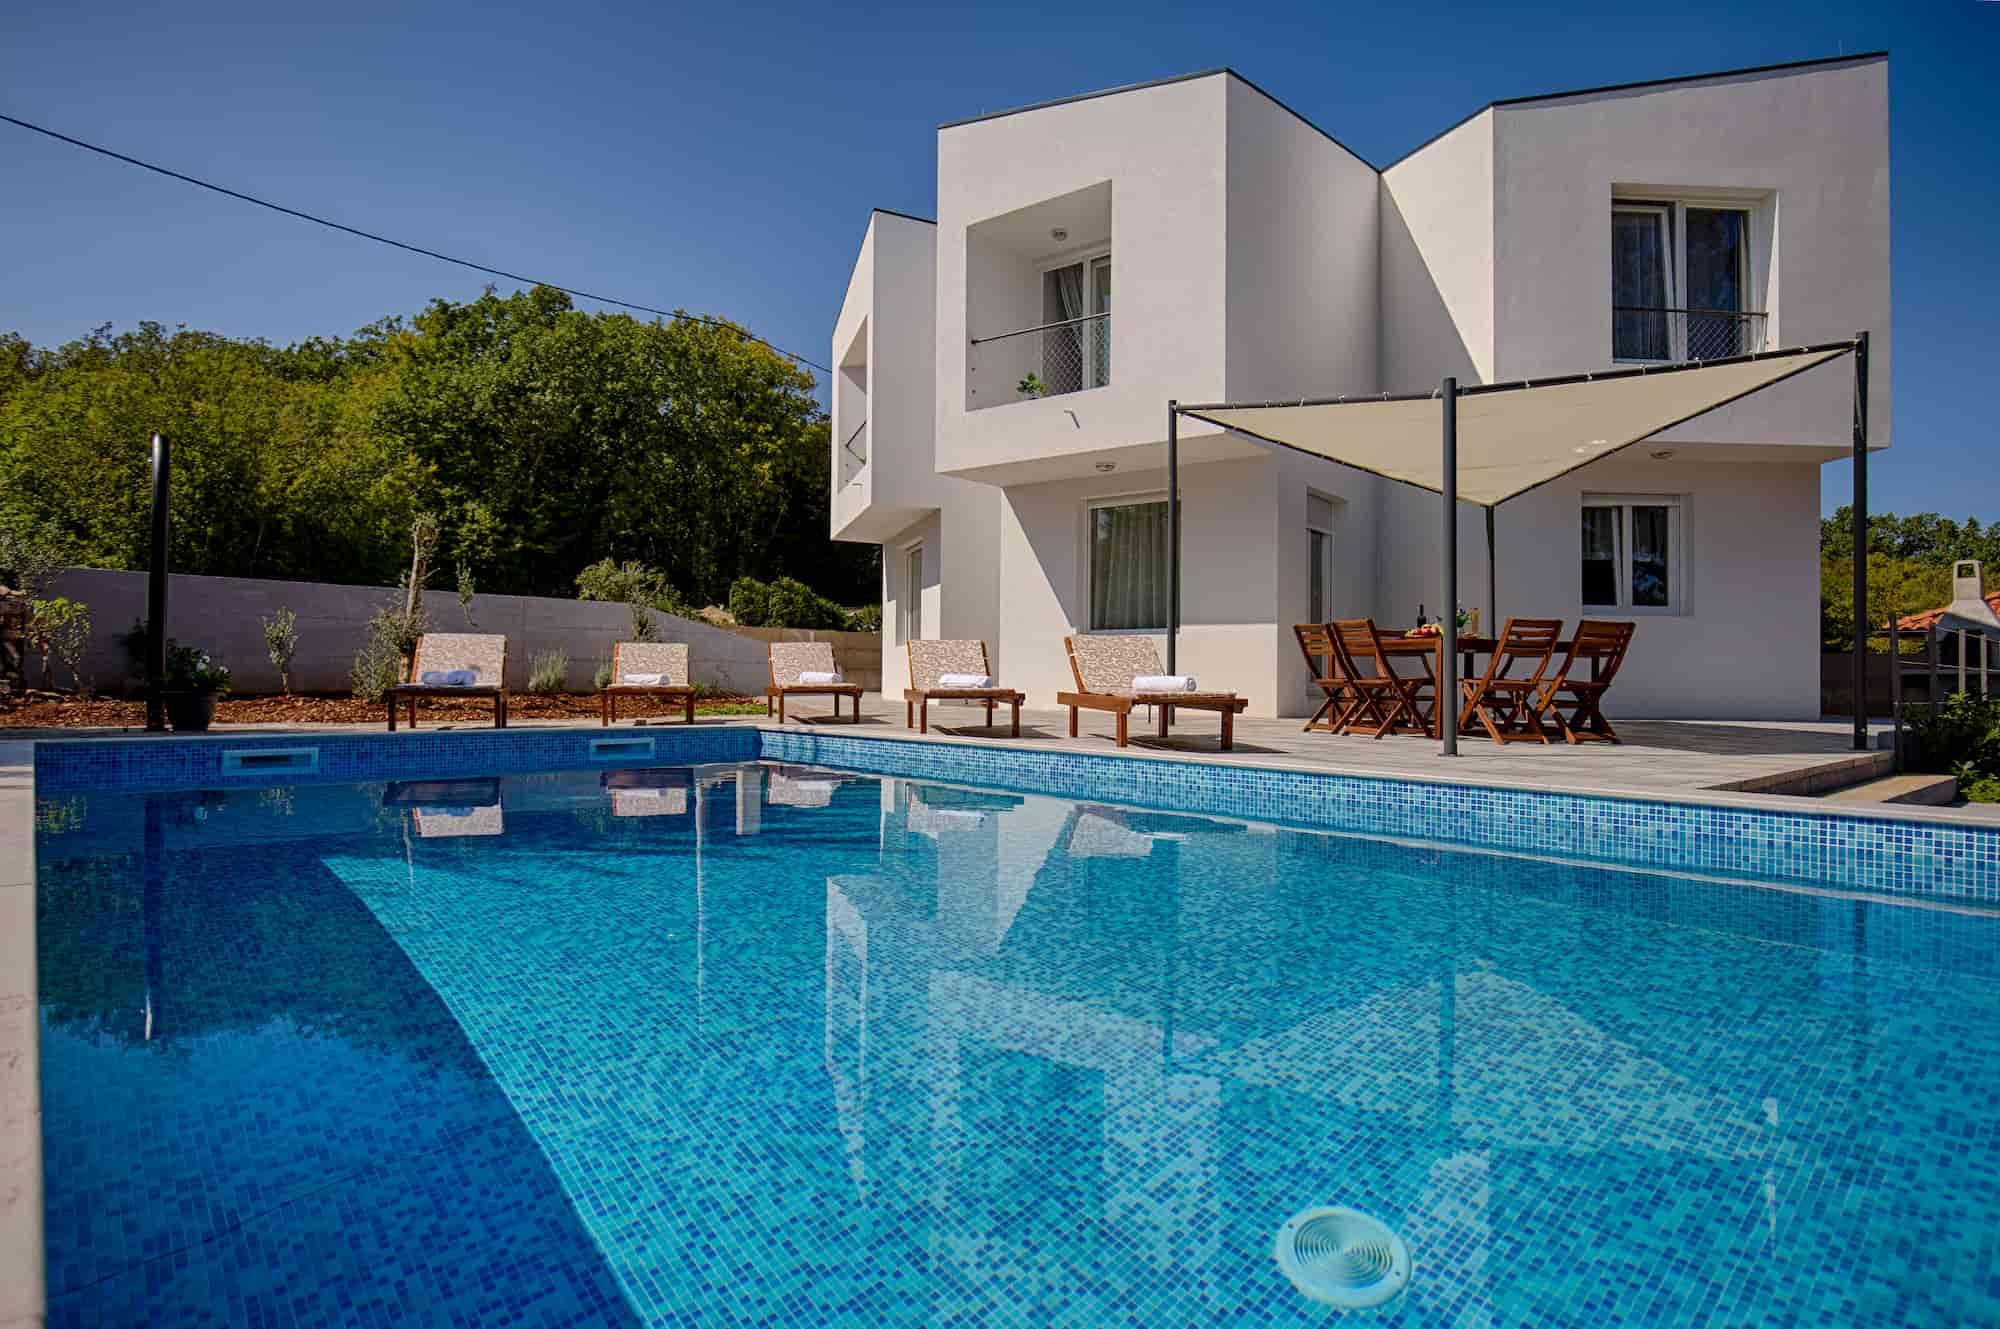 Villa mit Pool und Jacuzzi, luxuriös eingerichtet, Spielplatz